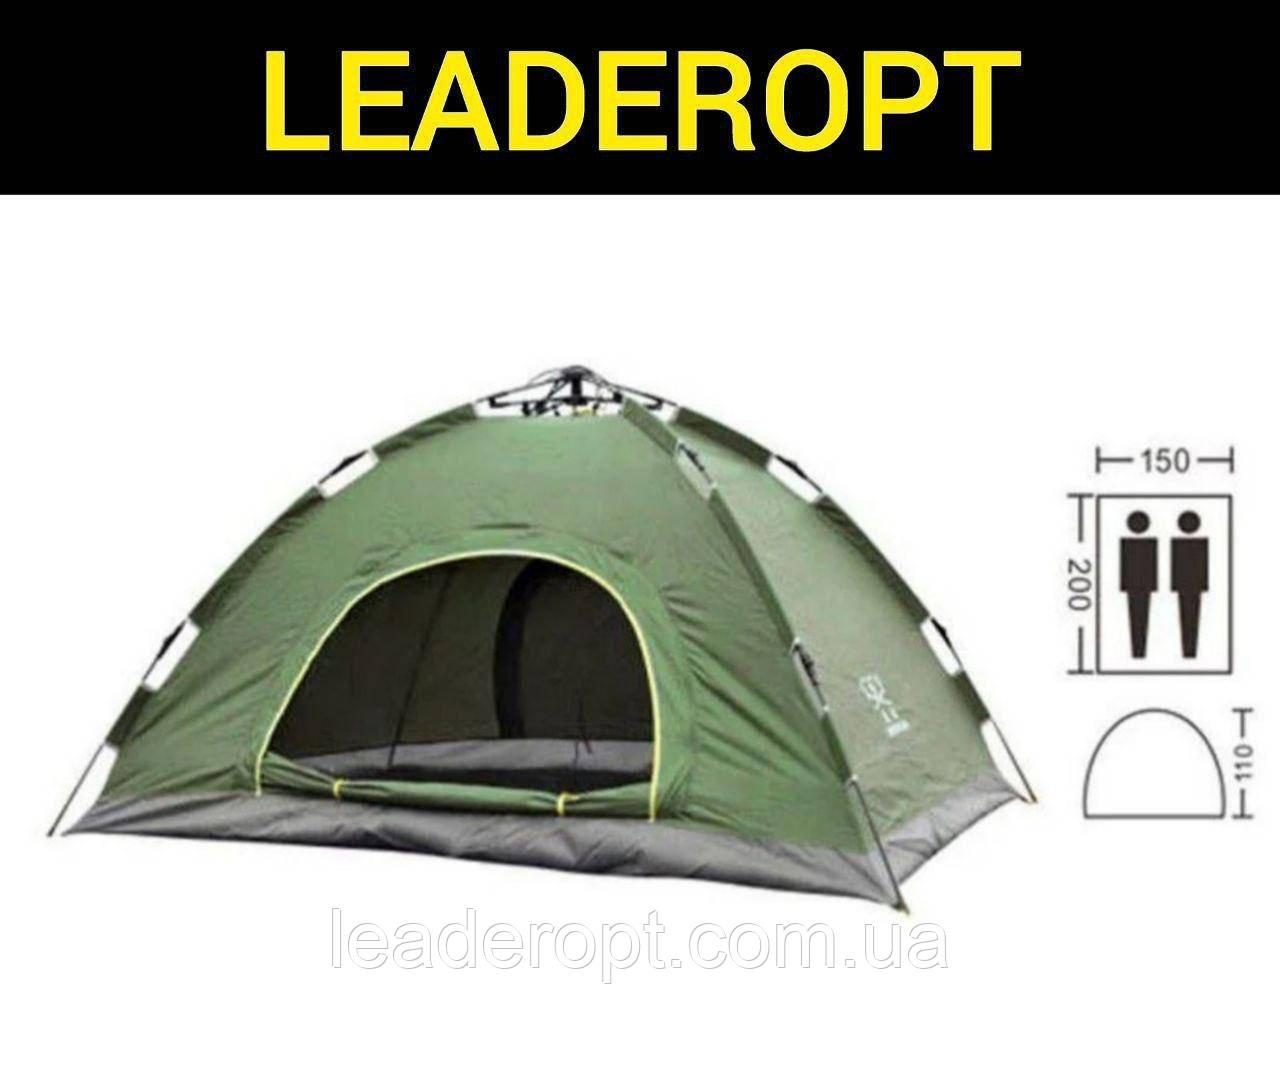 ОПТ Палатка кемпінгові автоматична 4-х місна 2×2м одношарова 1 вхід без тенту